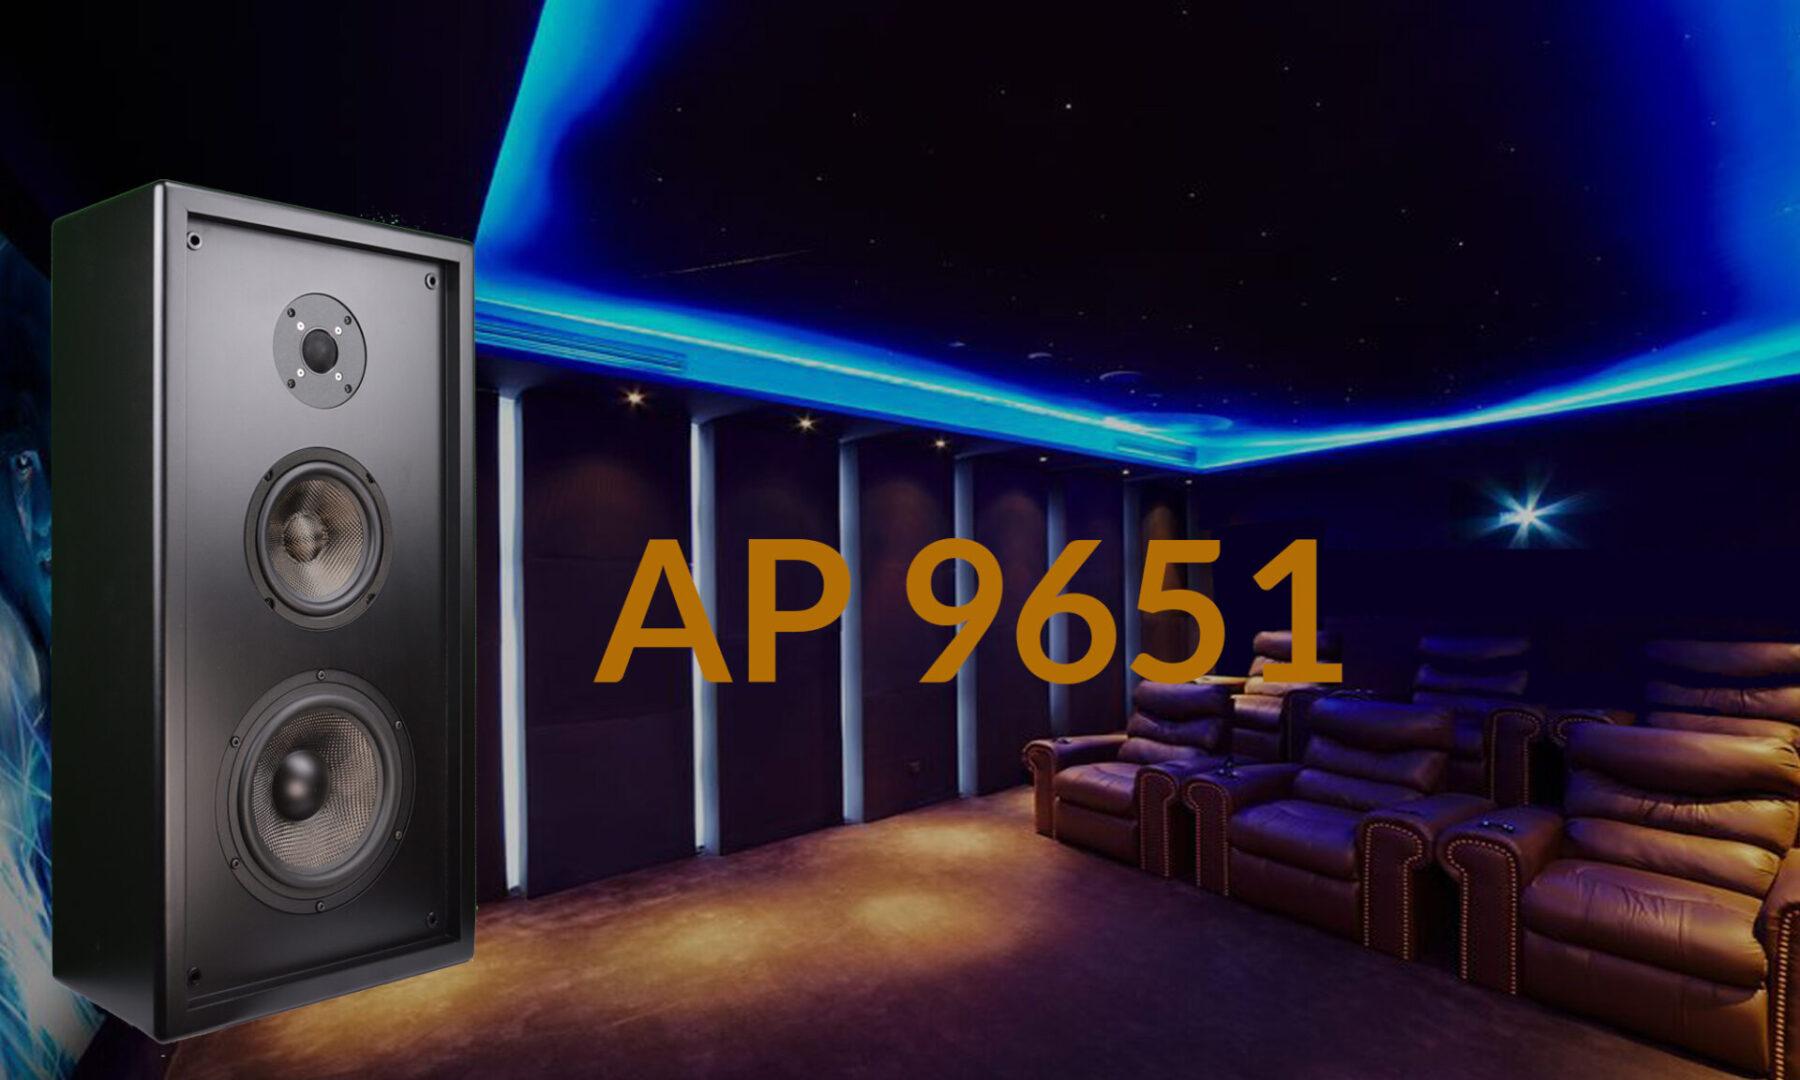 ap_9651_Full_size_header